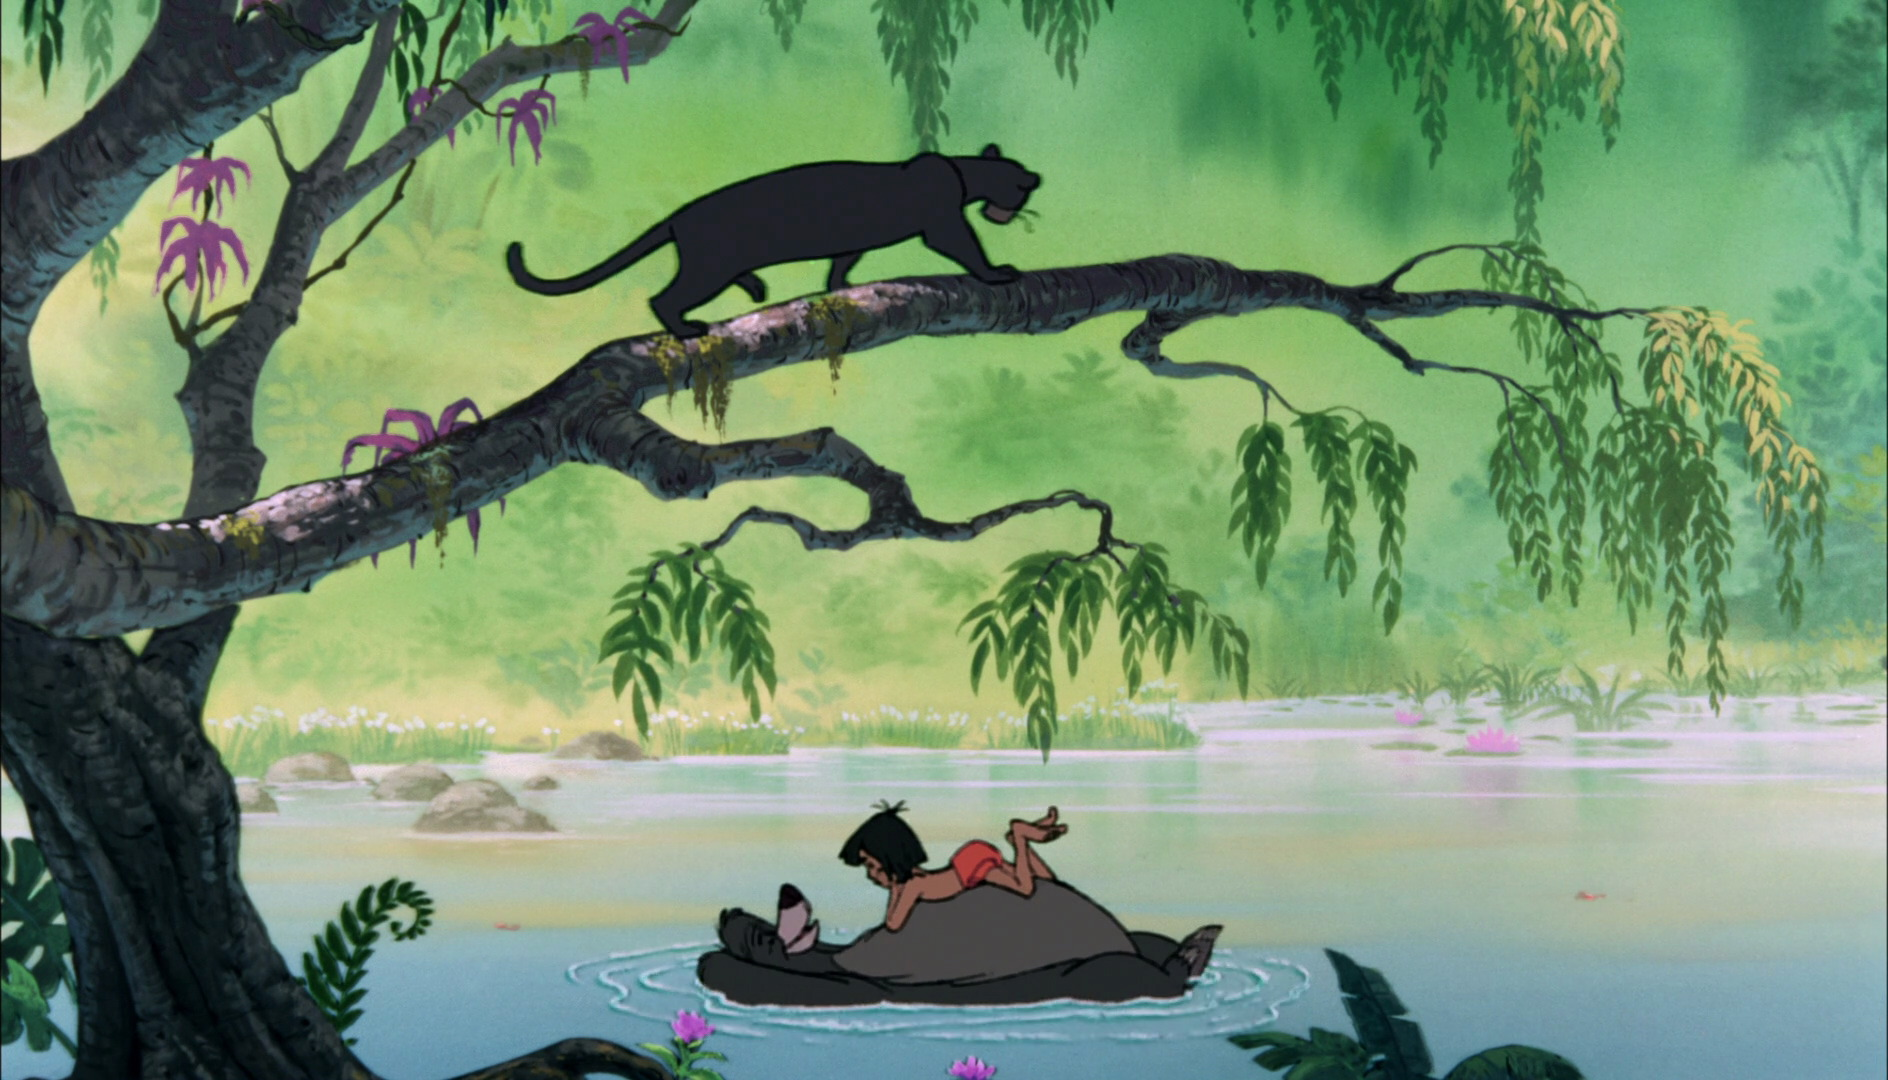 Image Le Livre De La Jungle 02 20something